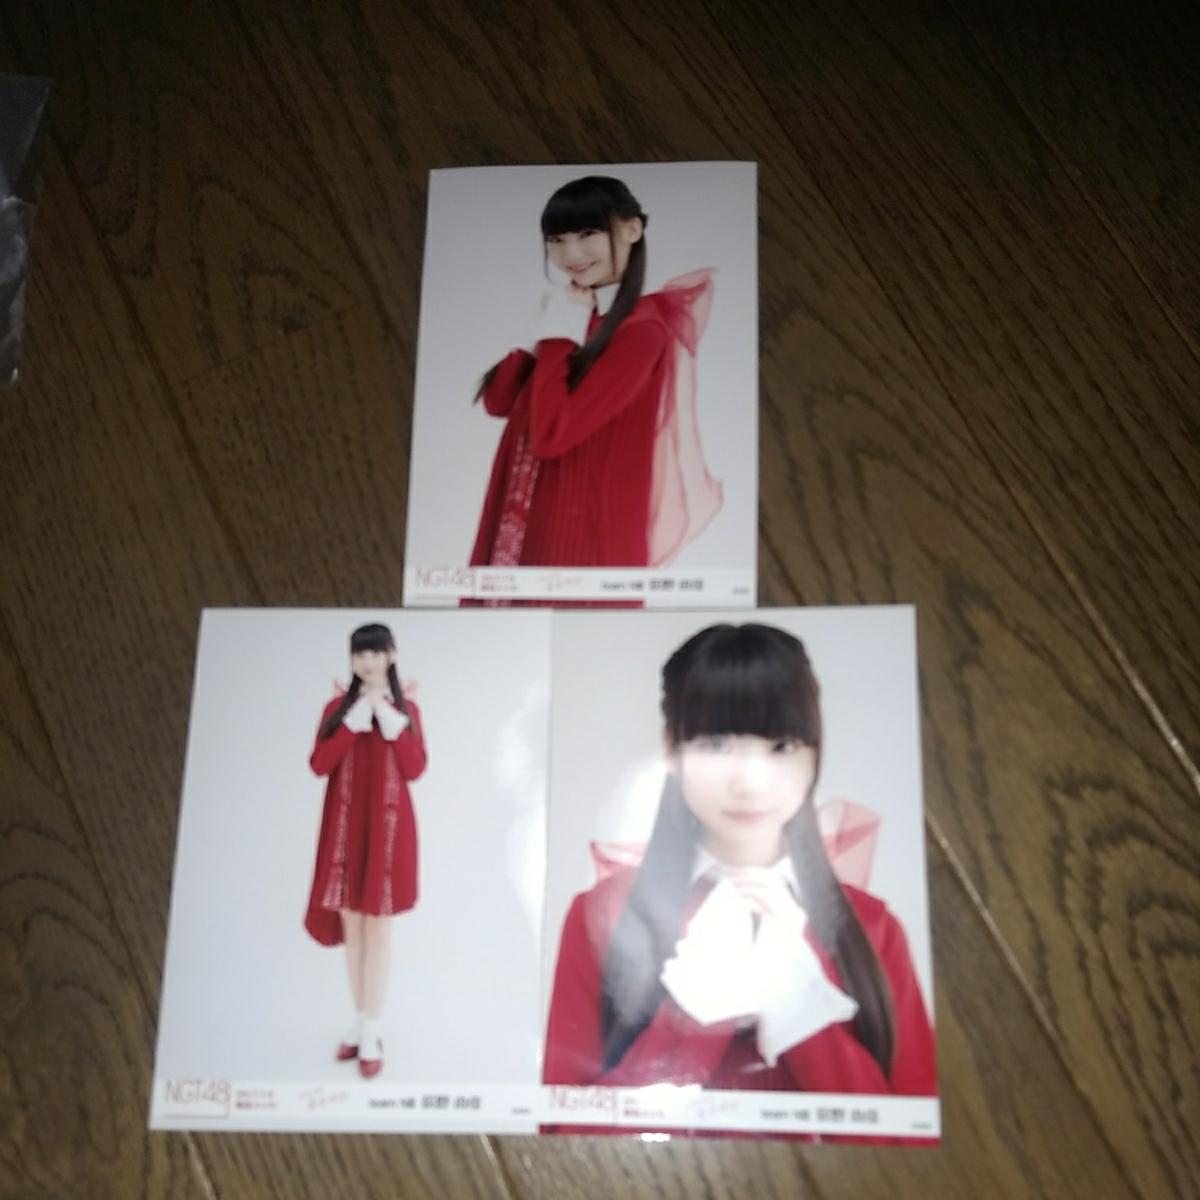 NGT48荻野由佳 青春時計 幕張メッセ会場限定生写真コンプ ライブグッズの画像